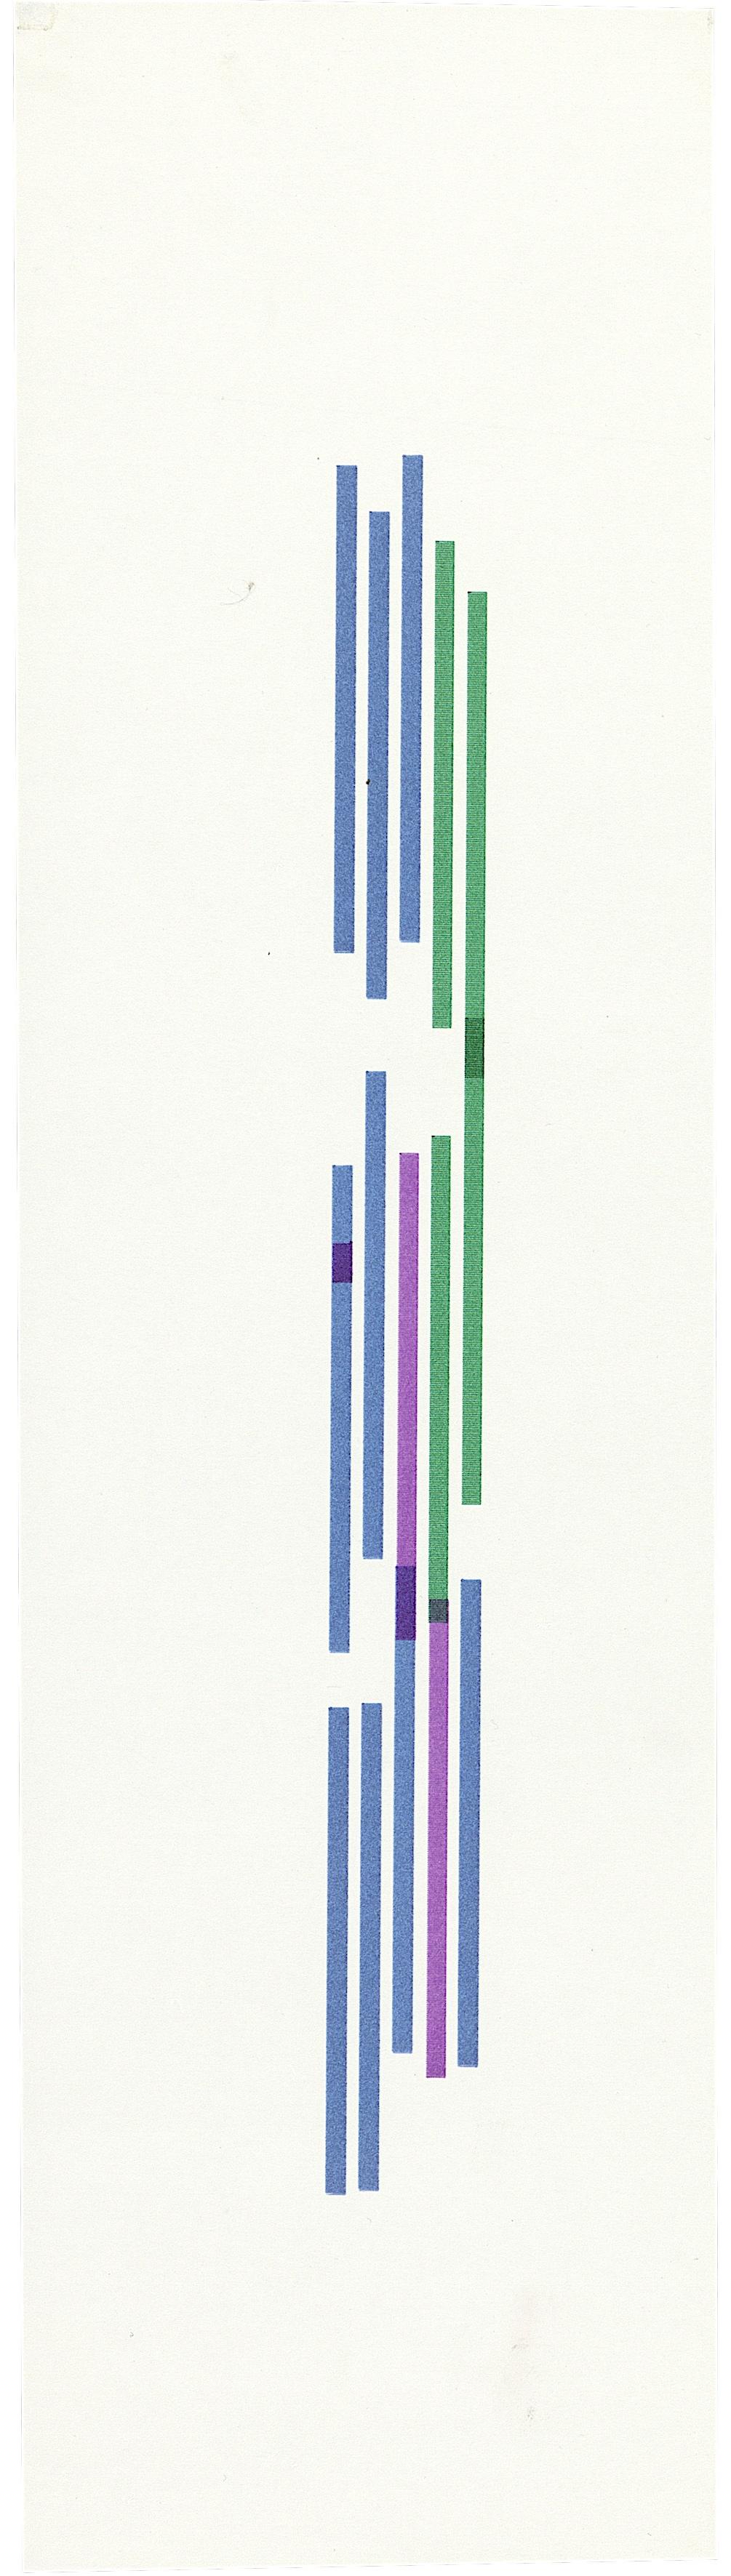 Vera Molnar, Serie Gothique, Plotterzeichnung, Tinte auf Papier, 30 x 9 cm, 1990